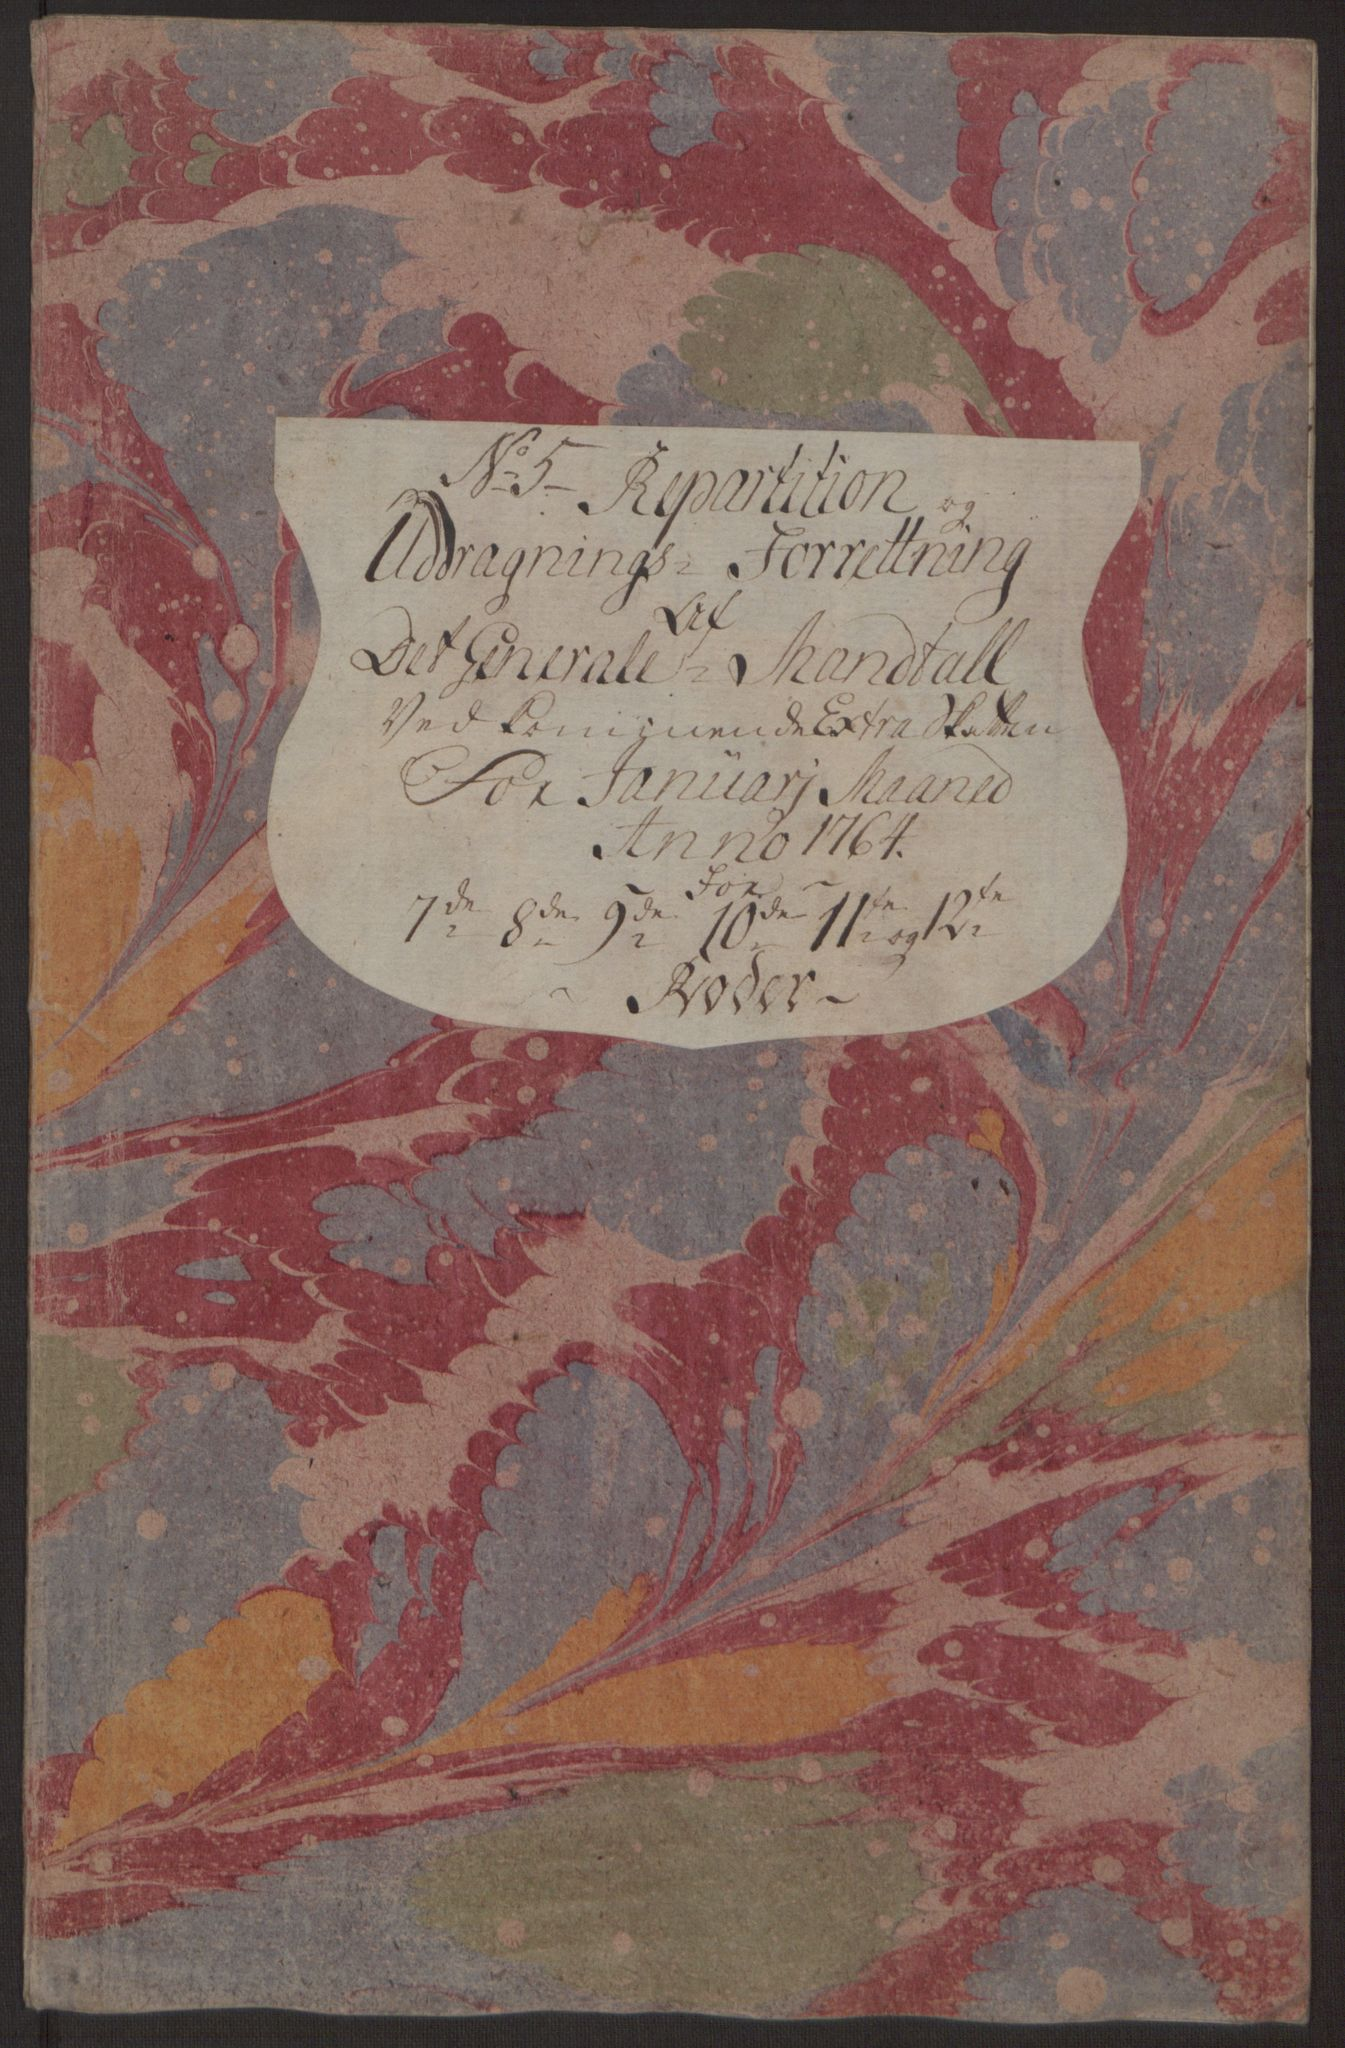 RA, Rentekammeret inntil 1814, Reviderte regnskaper, Byregnskaper, R/Rp/L0367: [P21] Kontribusjonsregnskap, 1764, s. 203